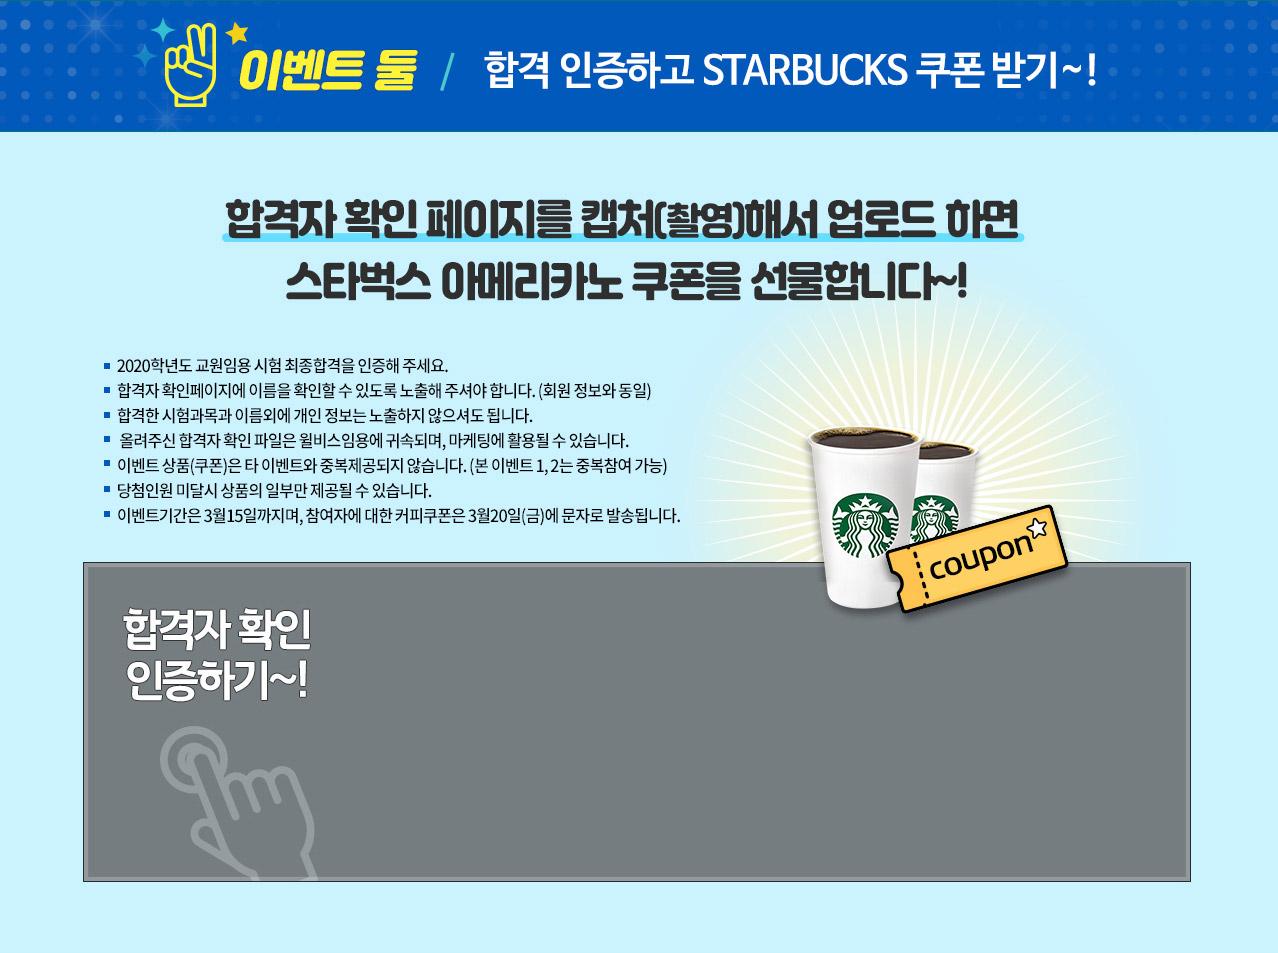 이벤트 둘. 합격 인증하고 STARBUCKS 쿠폰 받기~!